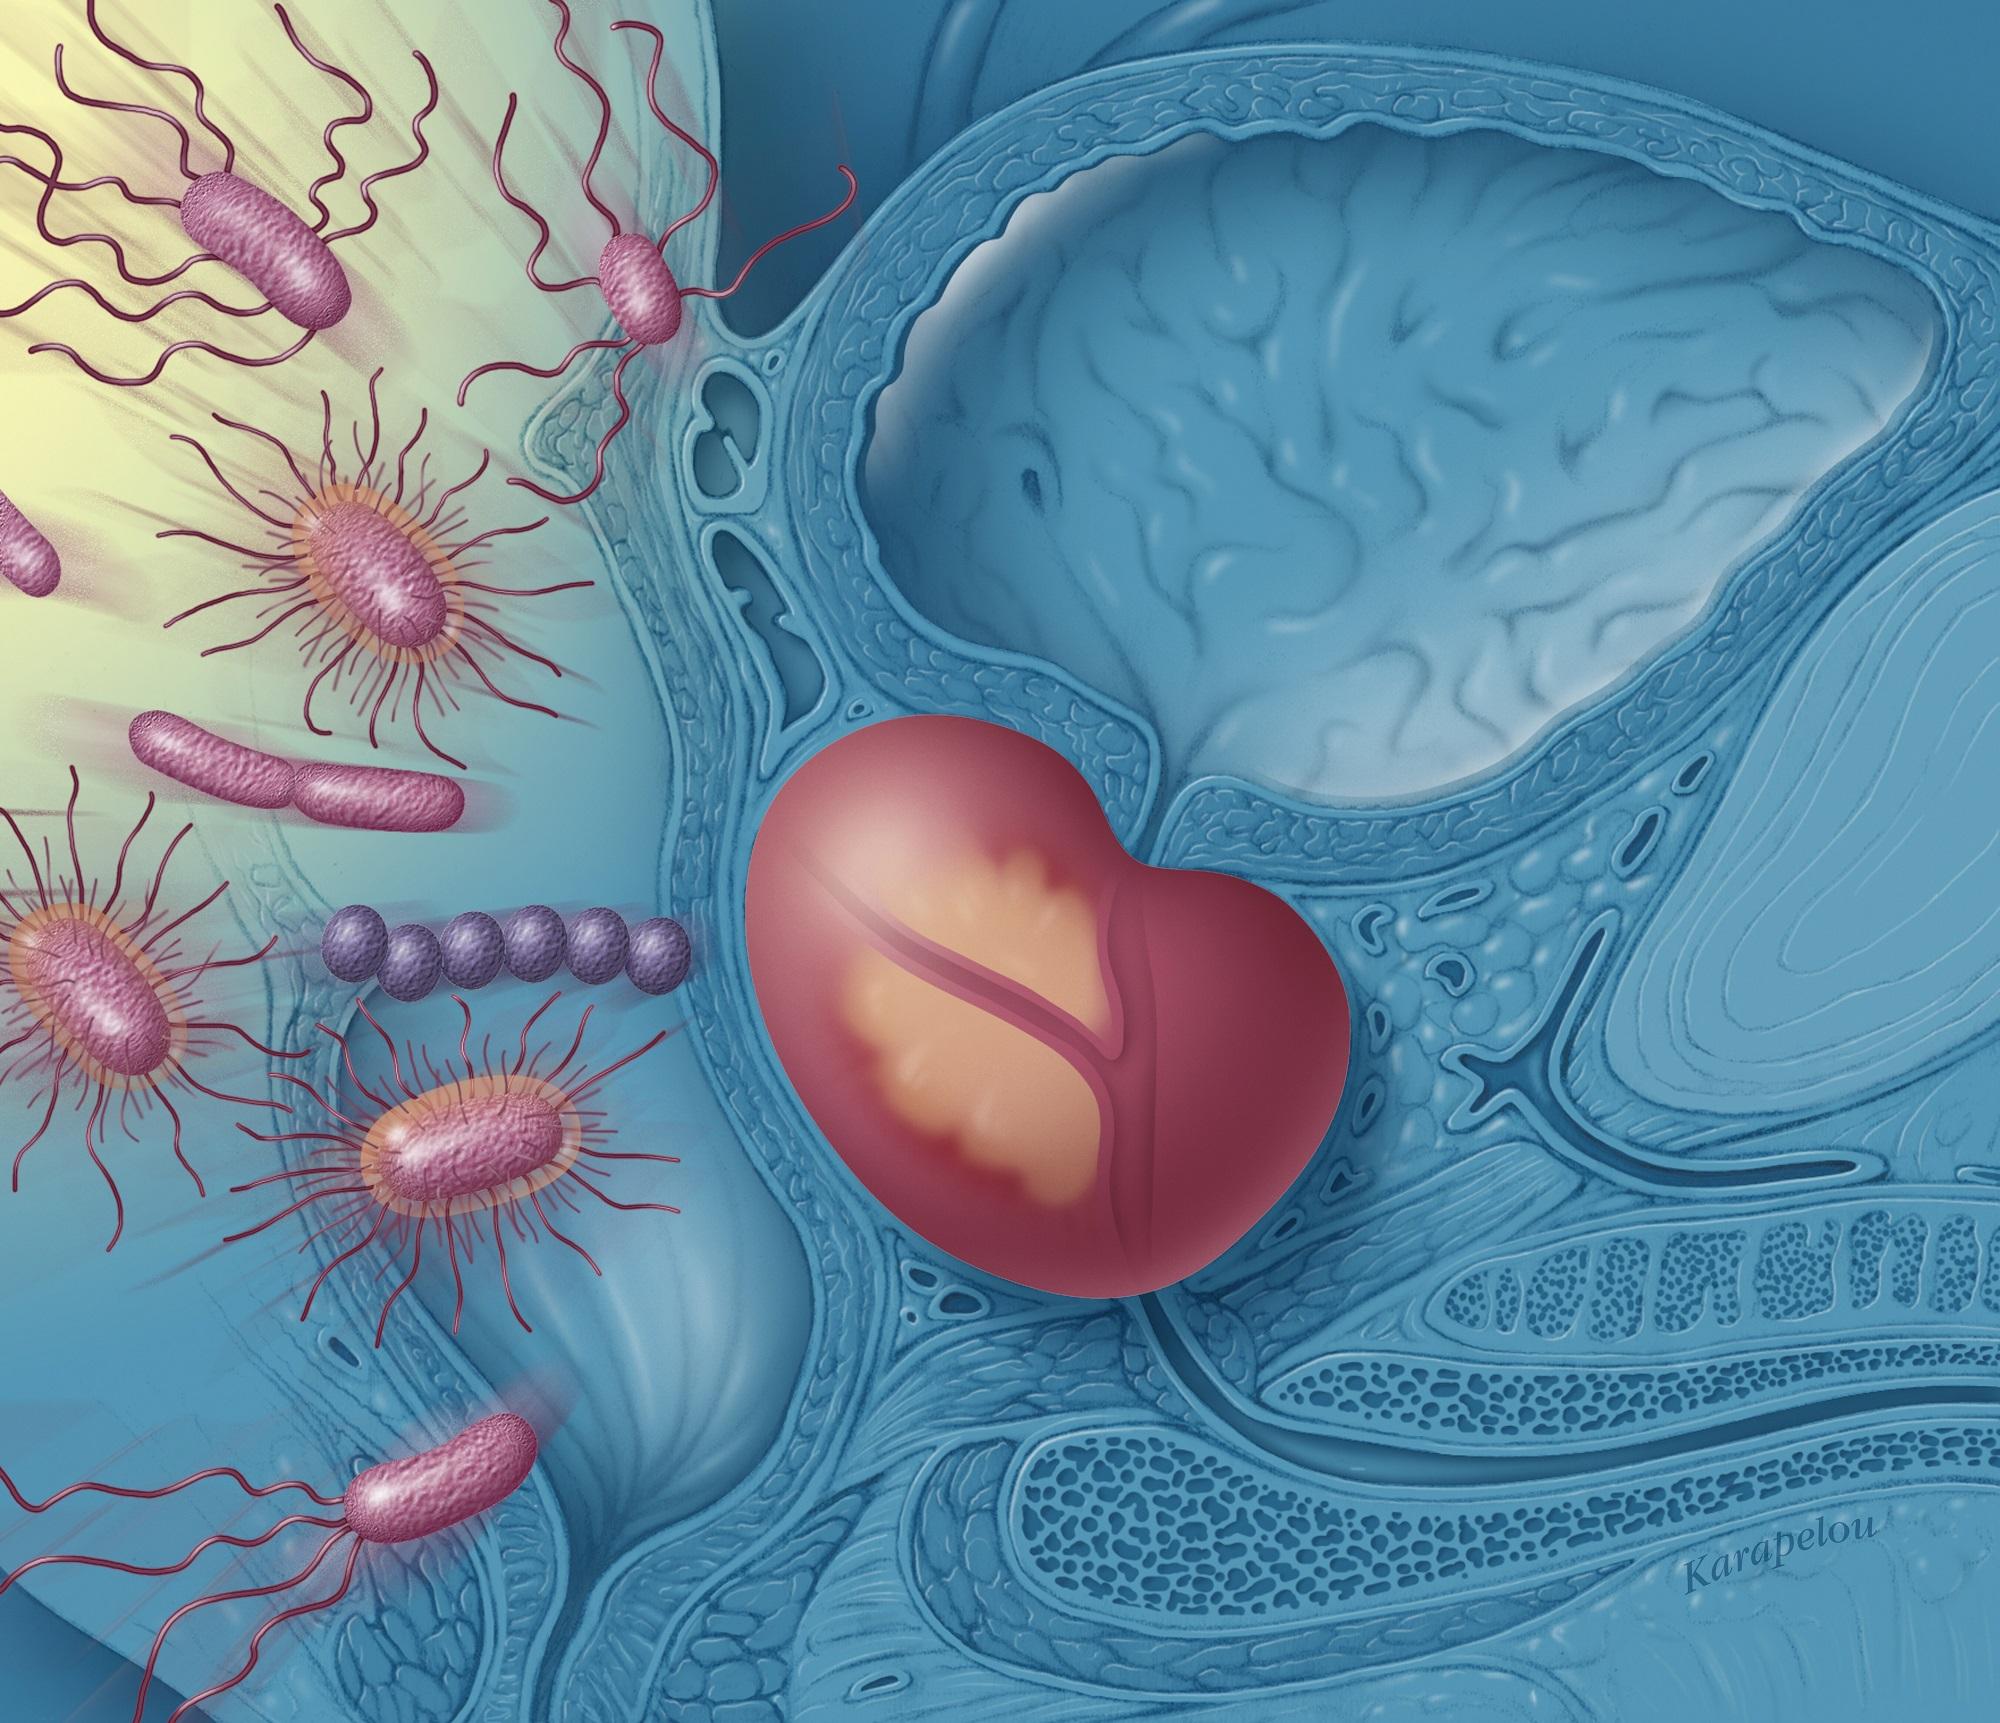 erecția are un pui șchiopătat mijloace pentru erecție de lungă durată